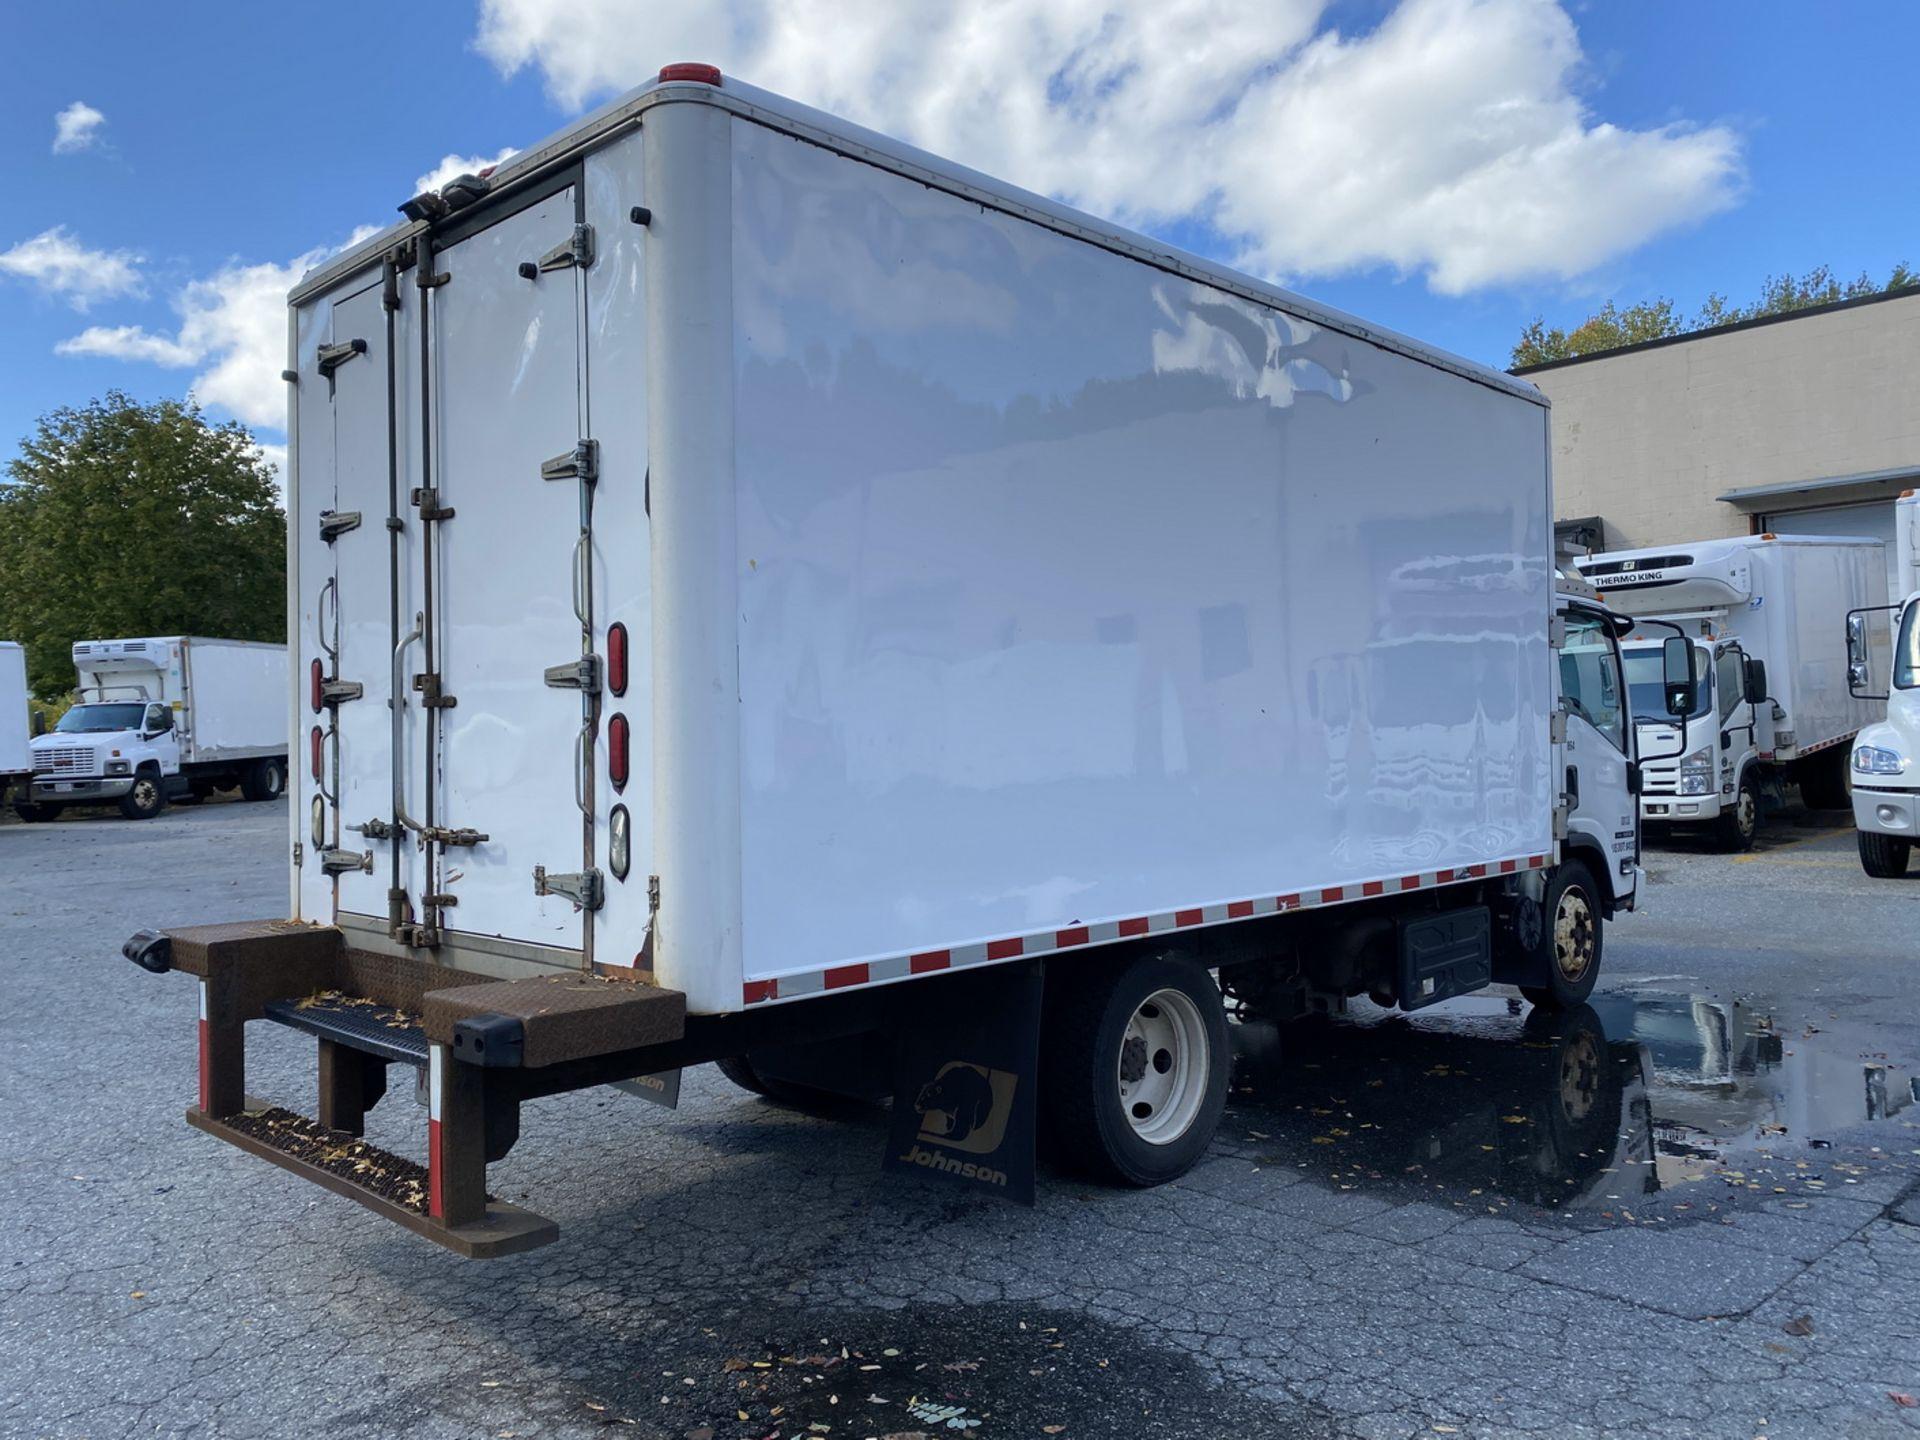 2014 Isuzu refrigerated truck - Image 4 of 9